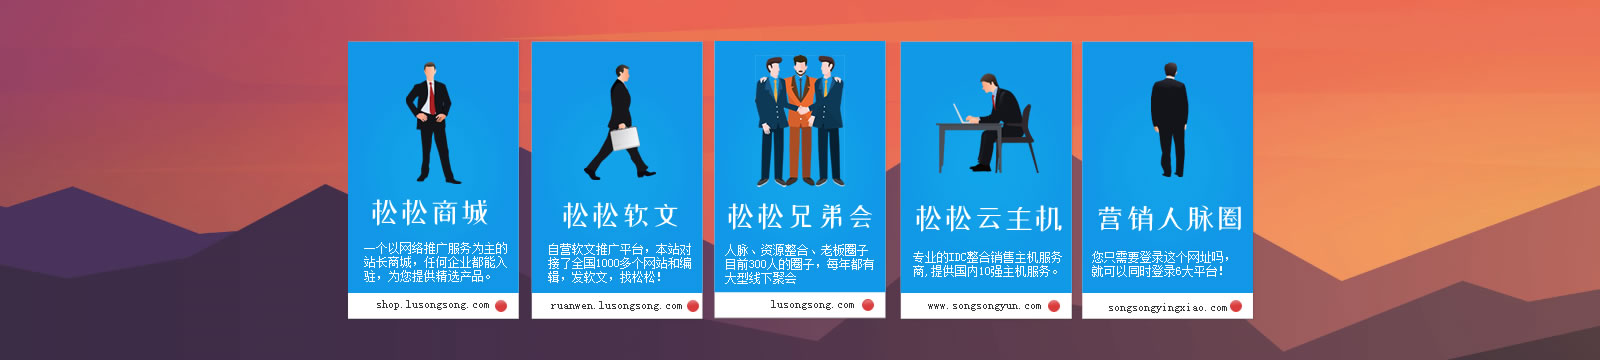 """卢松松获""""2018首届中国家装家居互联网营销峰会优秀奖"""""""